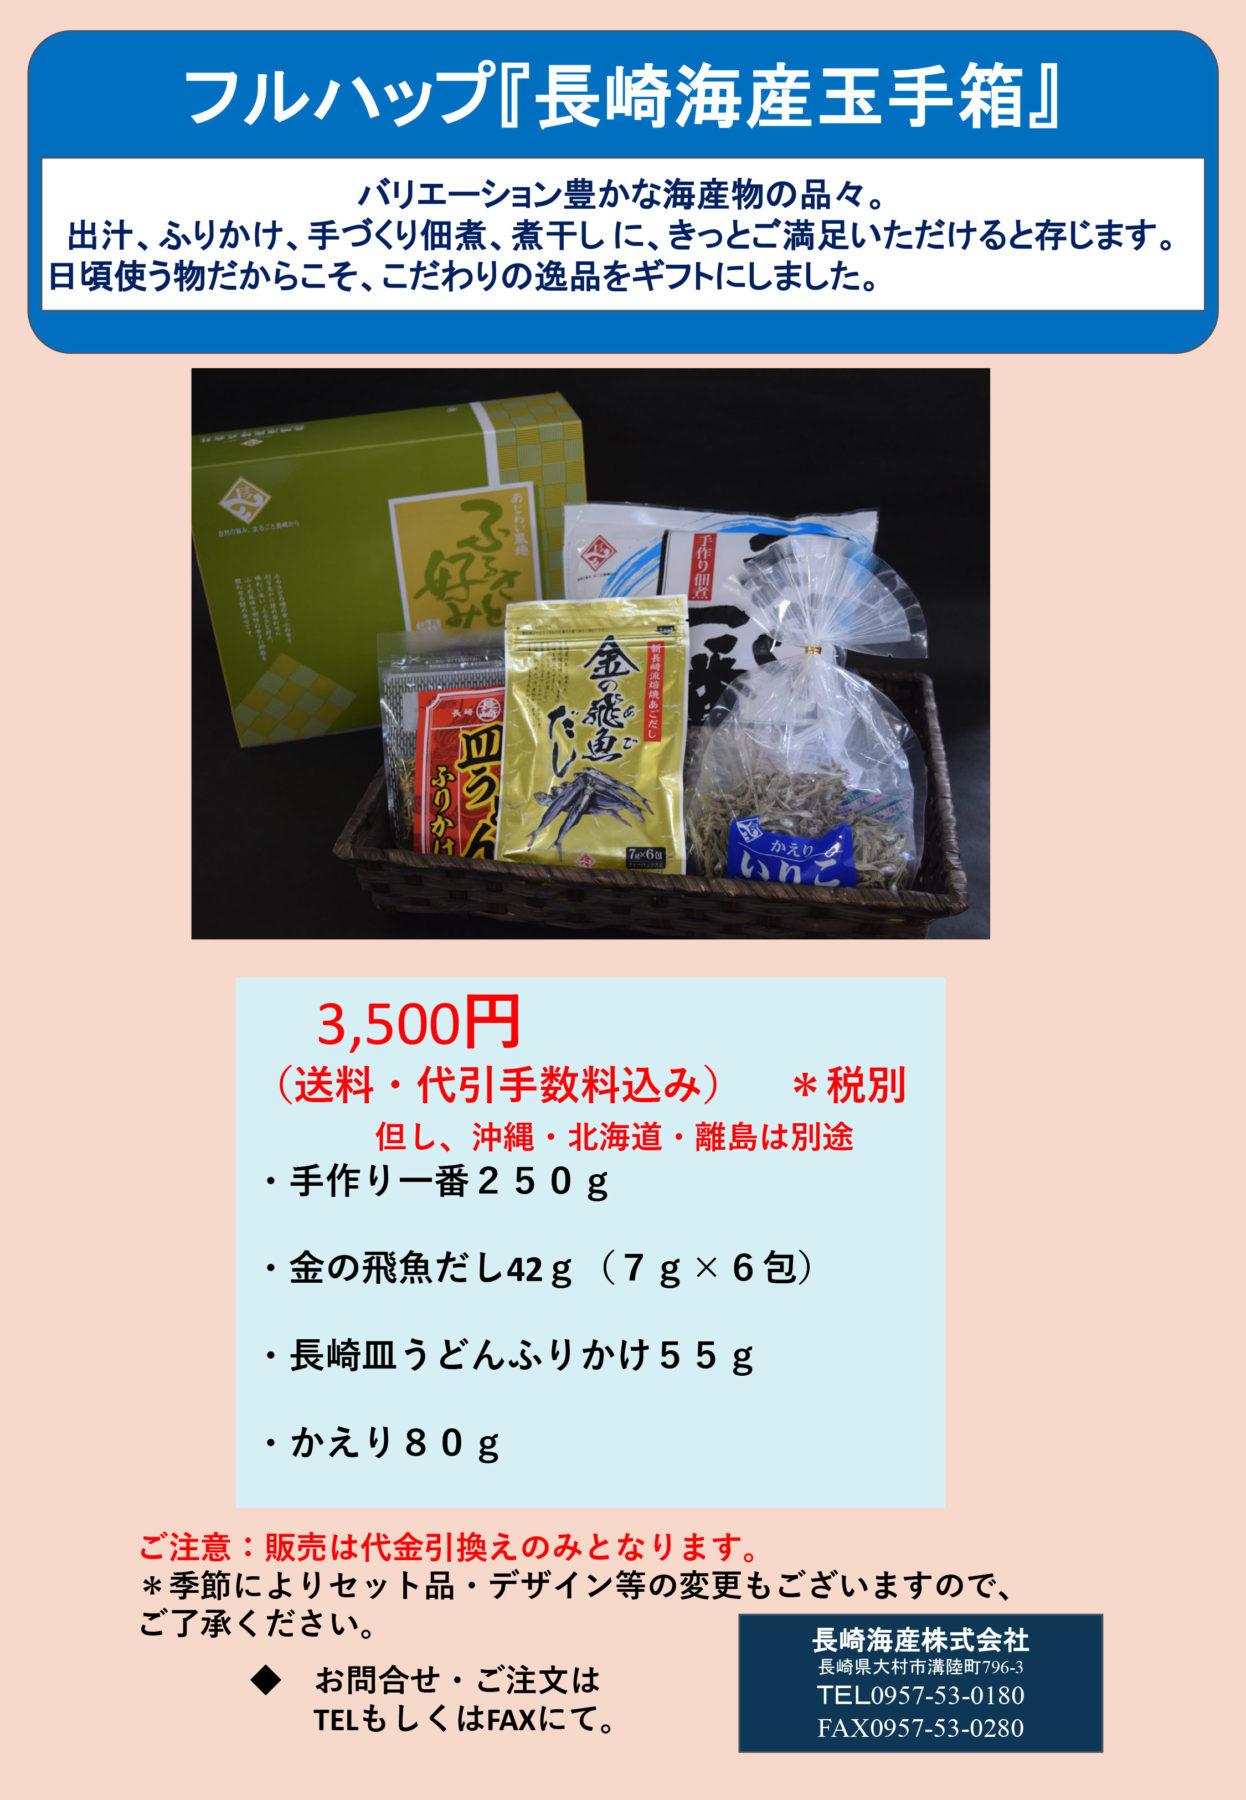 フルハップ『長崎海産玉手箱』